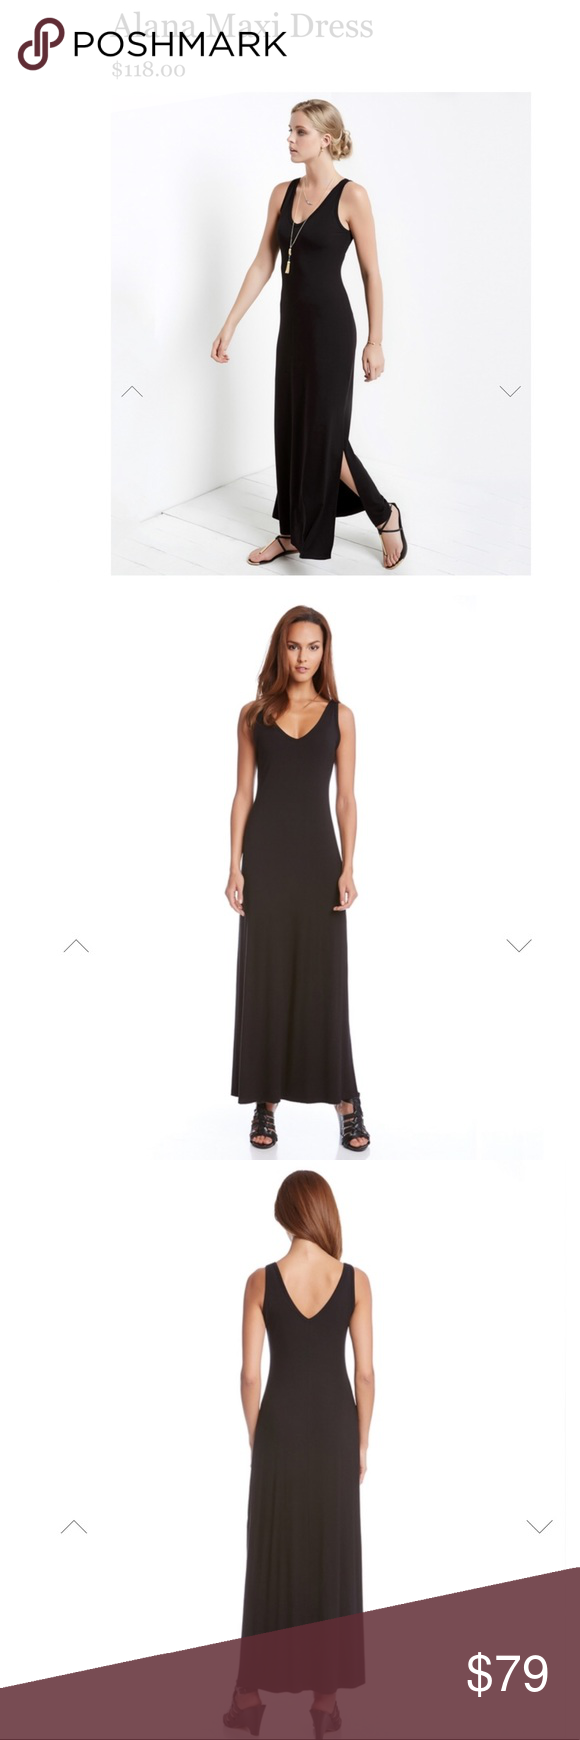 Nwt Karen Kane Alana Maxi Dress Maxi Dress Dresses Karen Kane [ 1740 x 580 Pixel ]